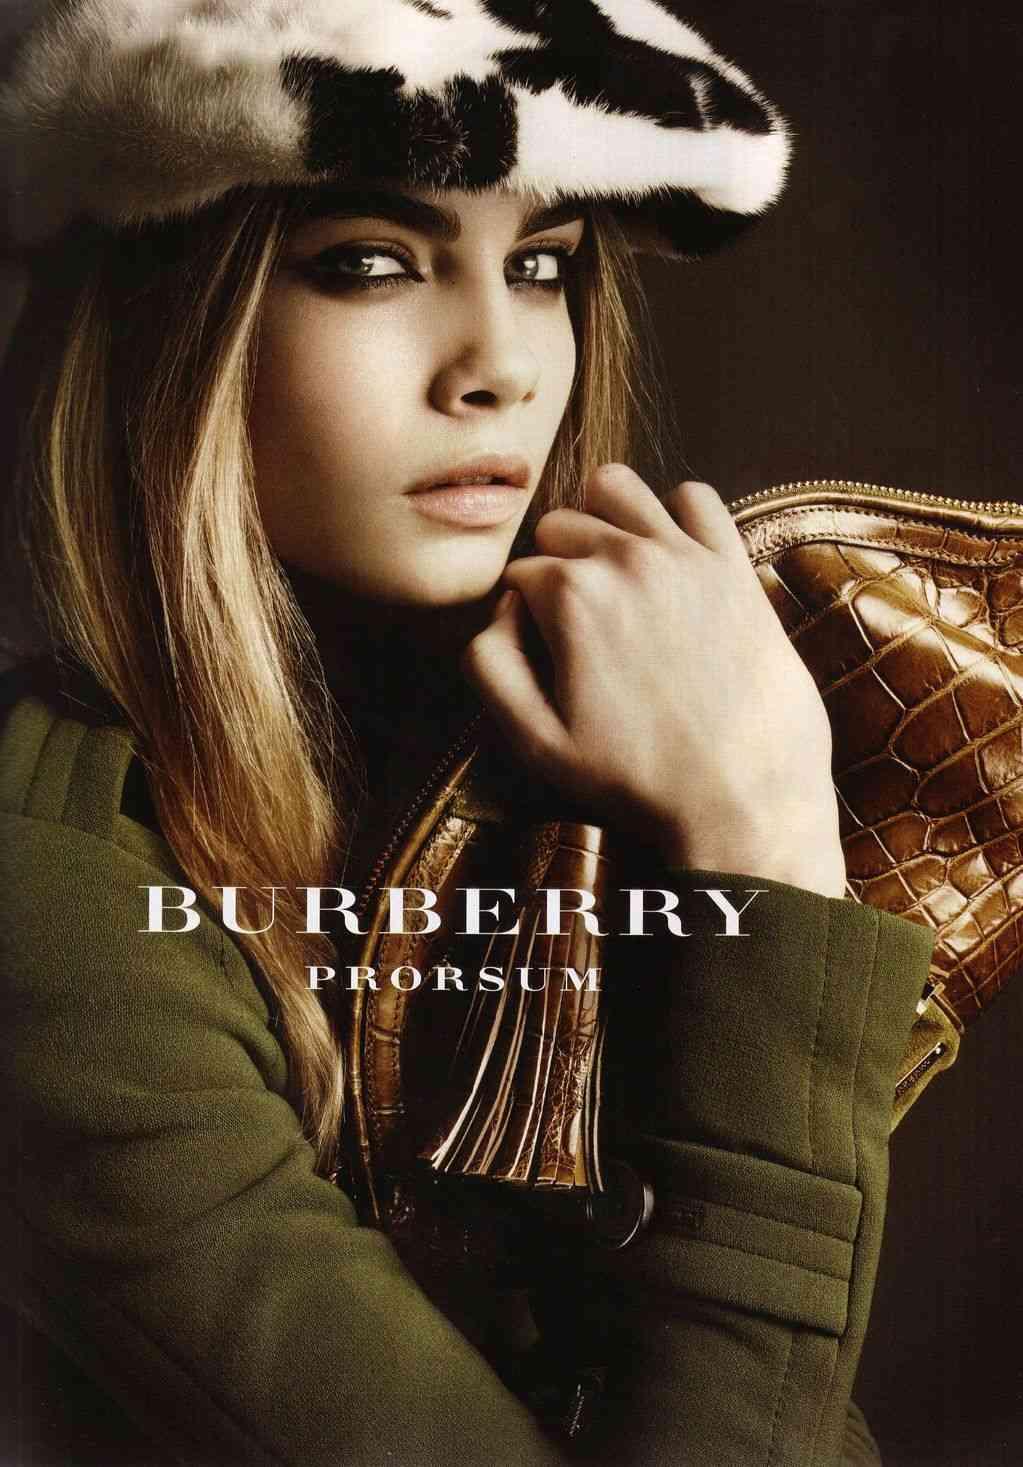 burberry-prorsum-fw-2011-cara-delevigne